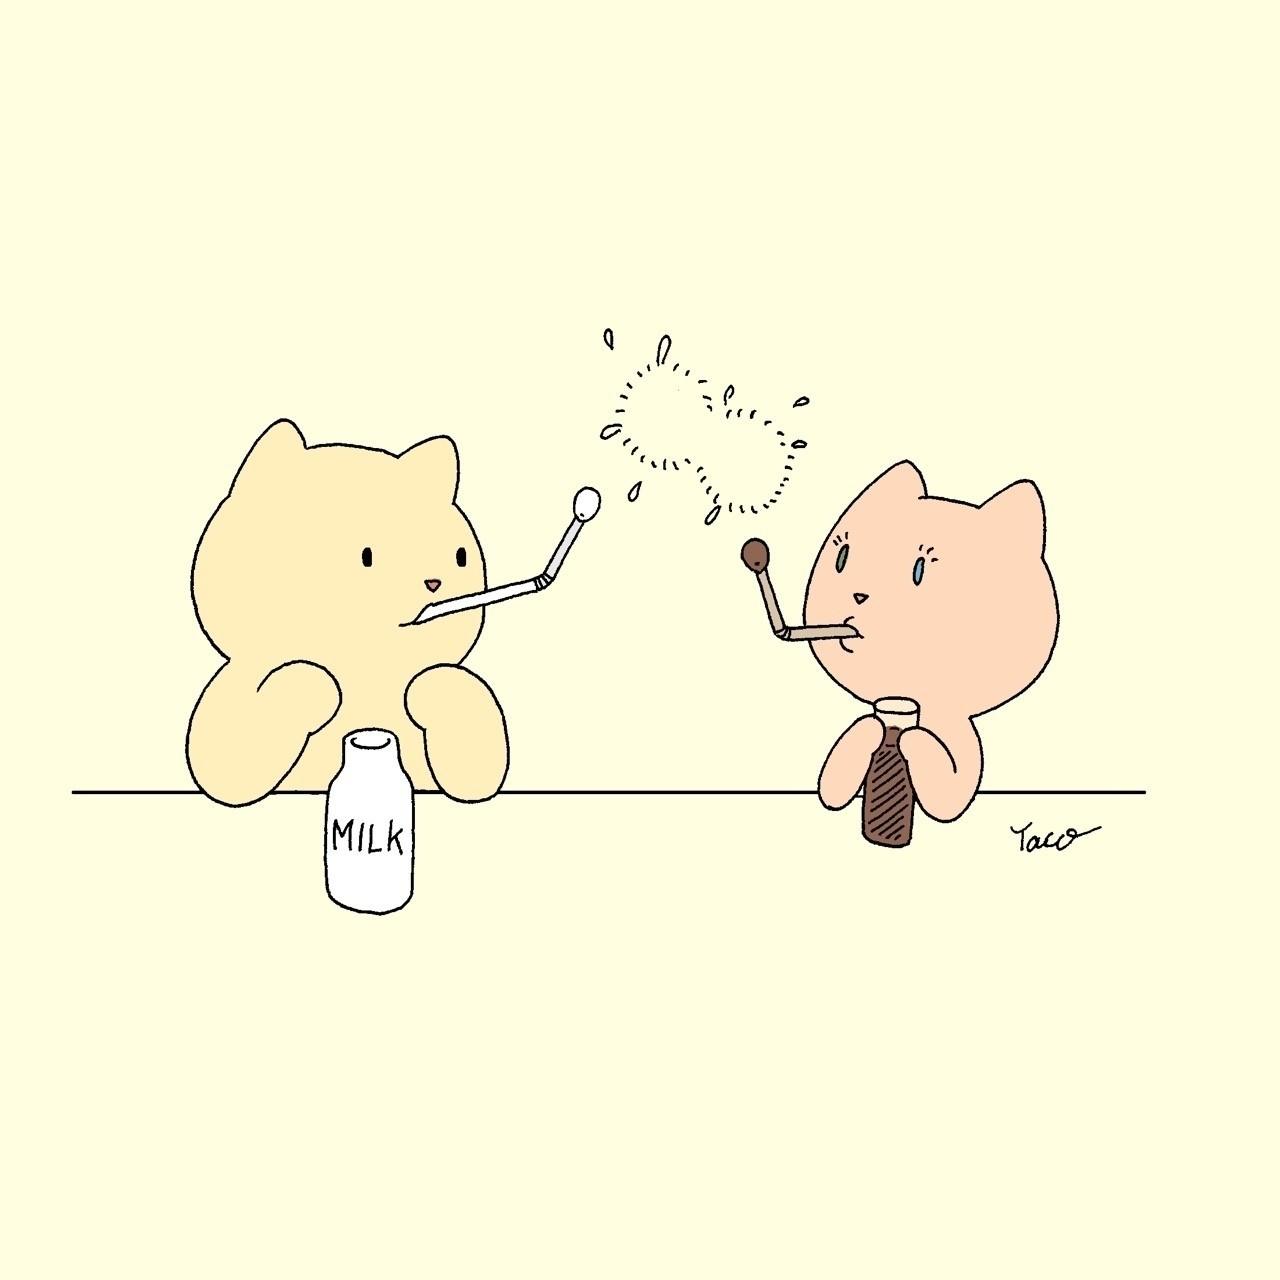 猫いろいろtacoscatnote